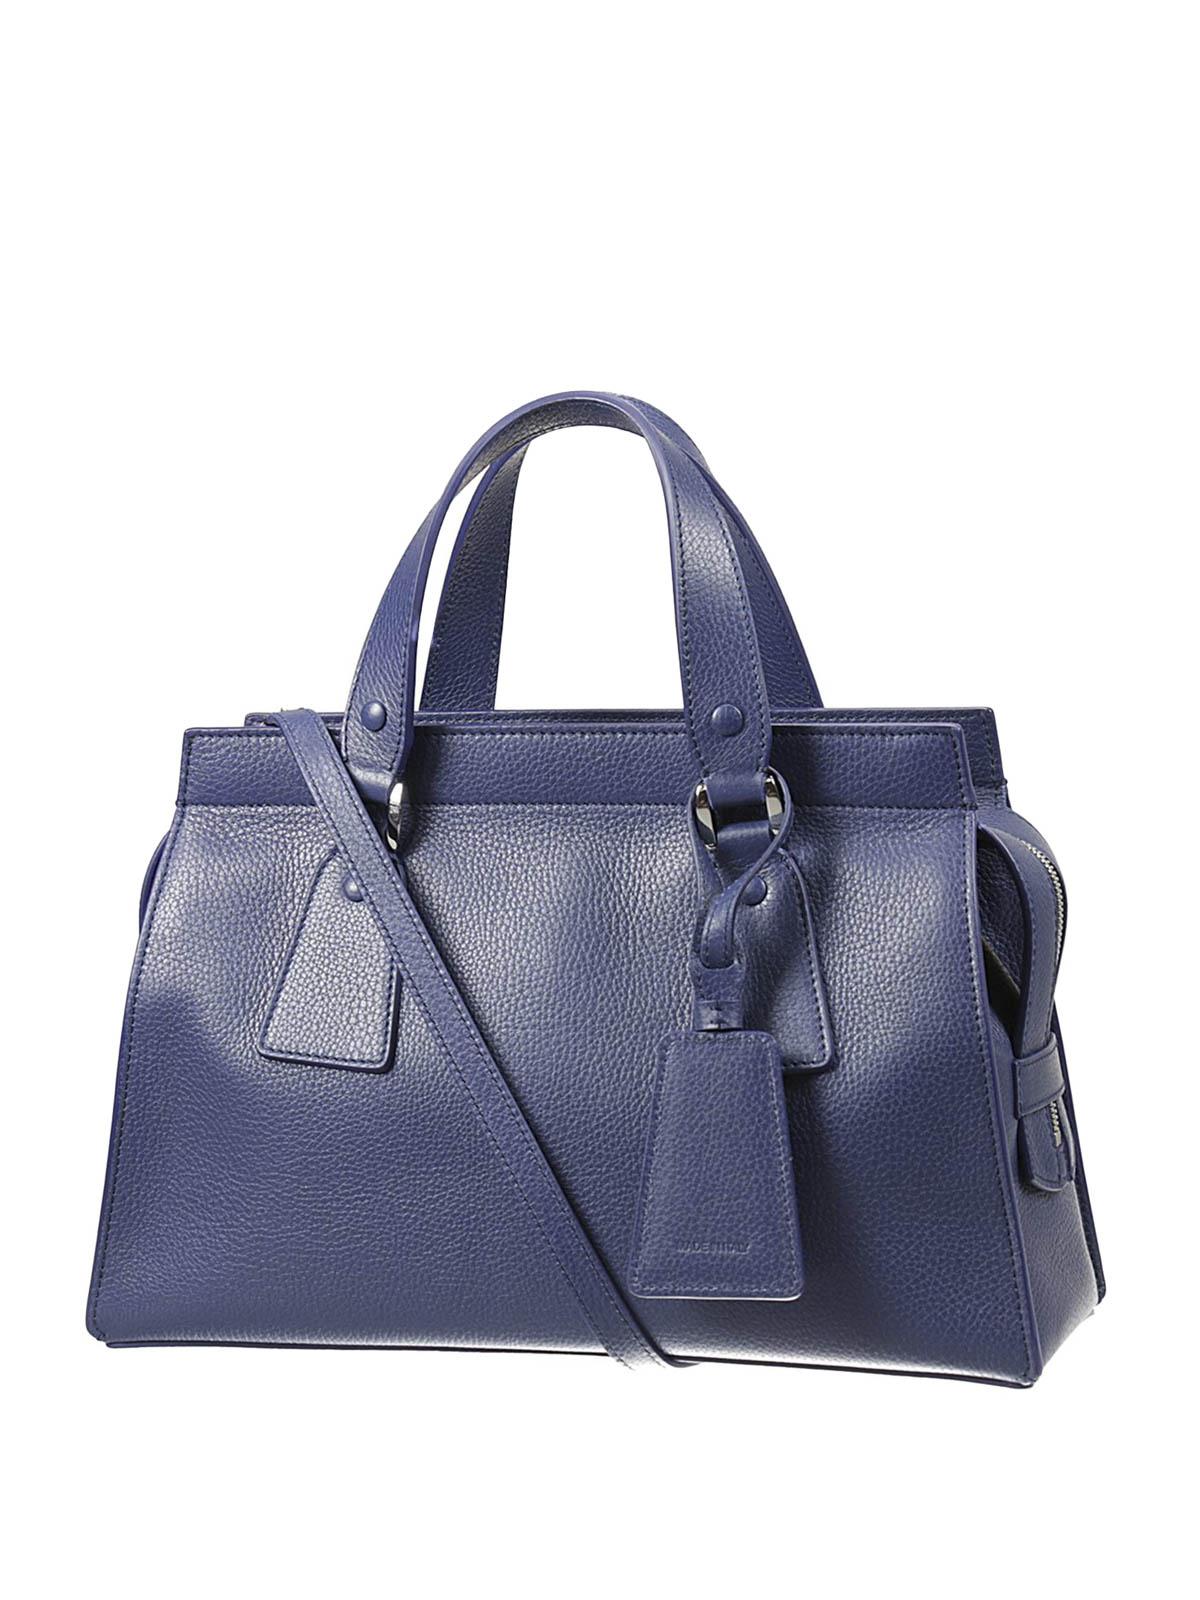 08e5d28cedcf iKRIX GIORGIO ARMANI  totes bags - Le Sac 11 hammered leather tote